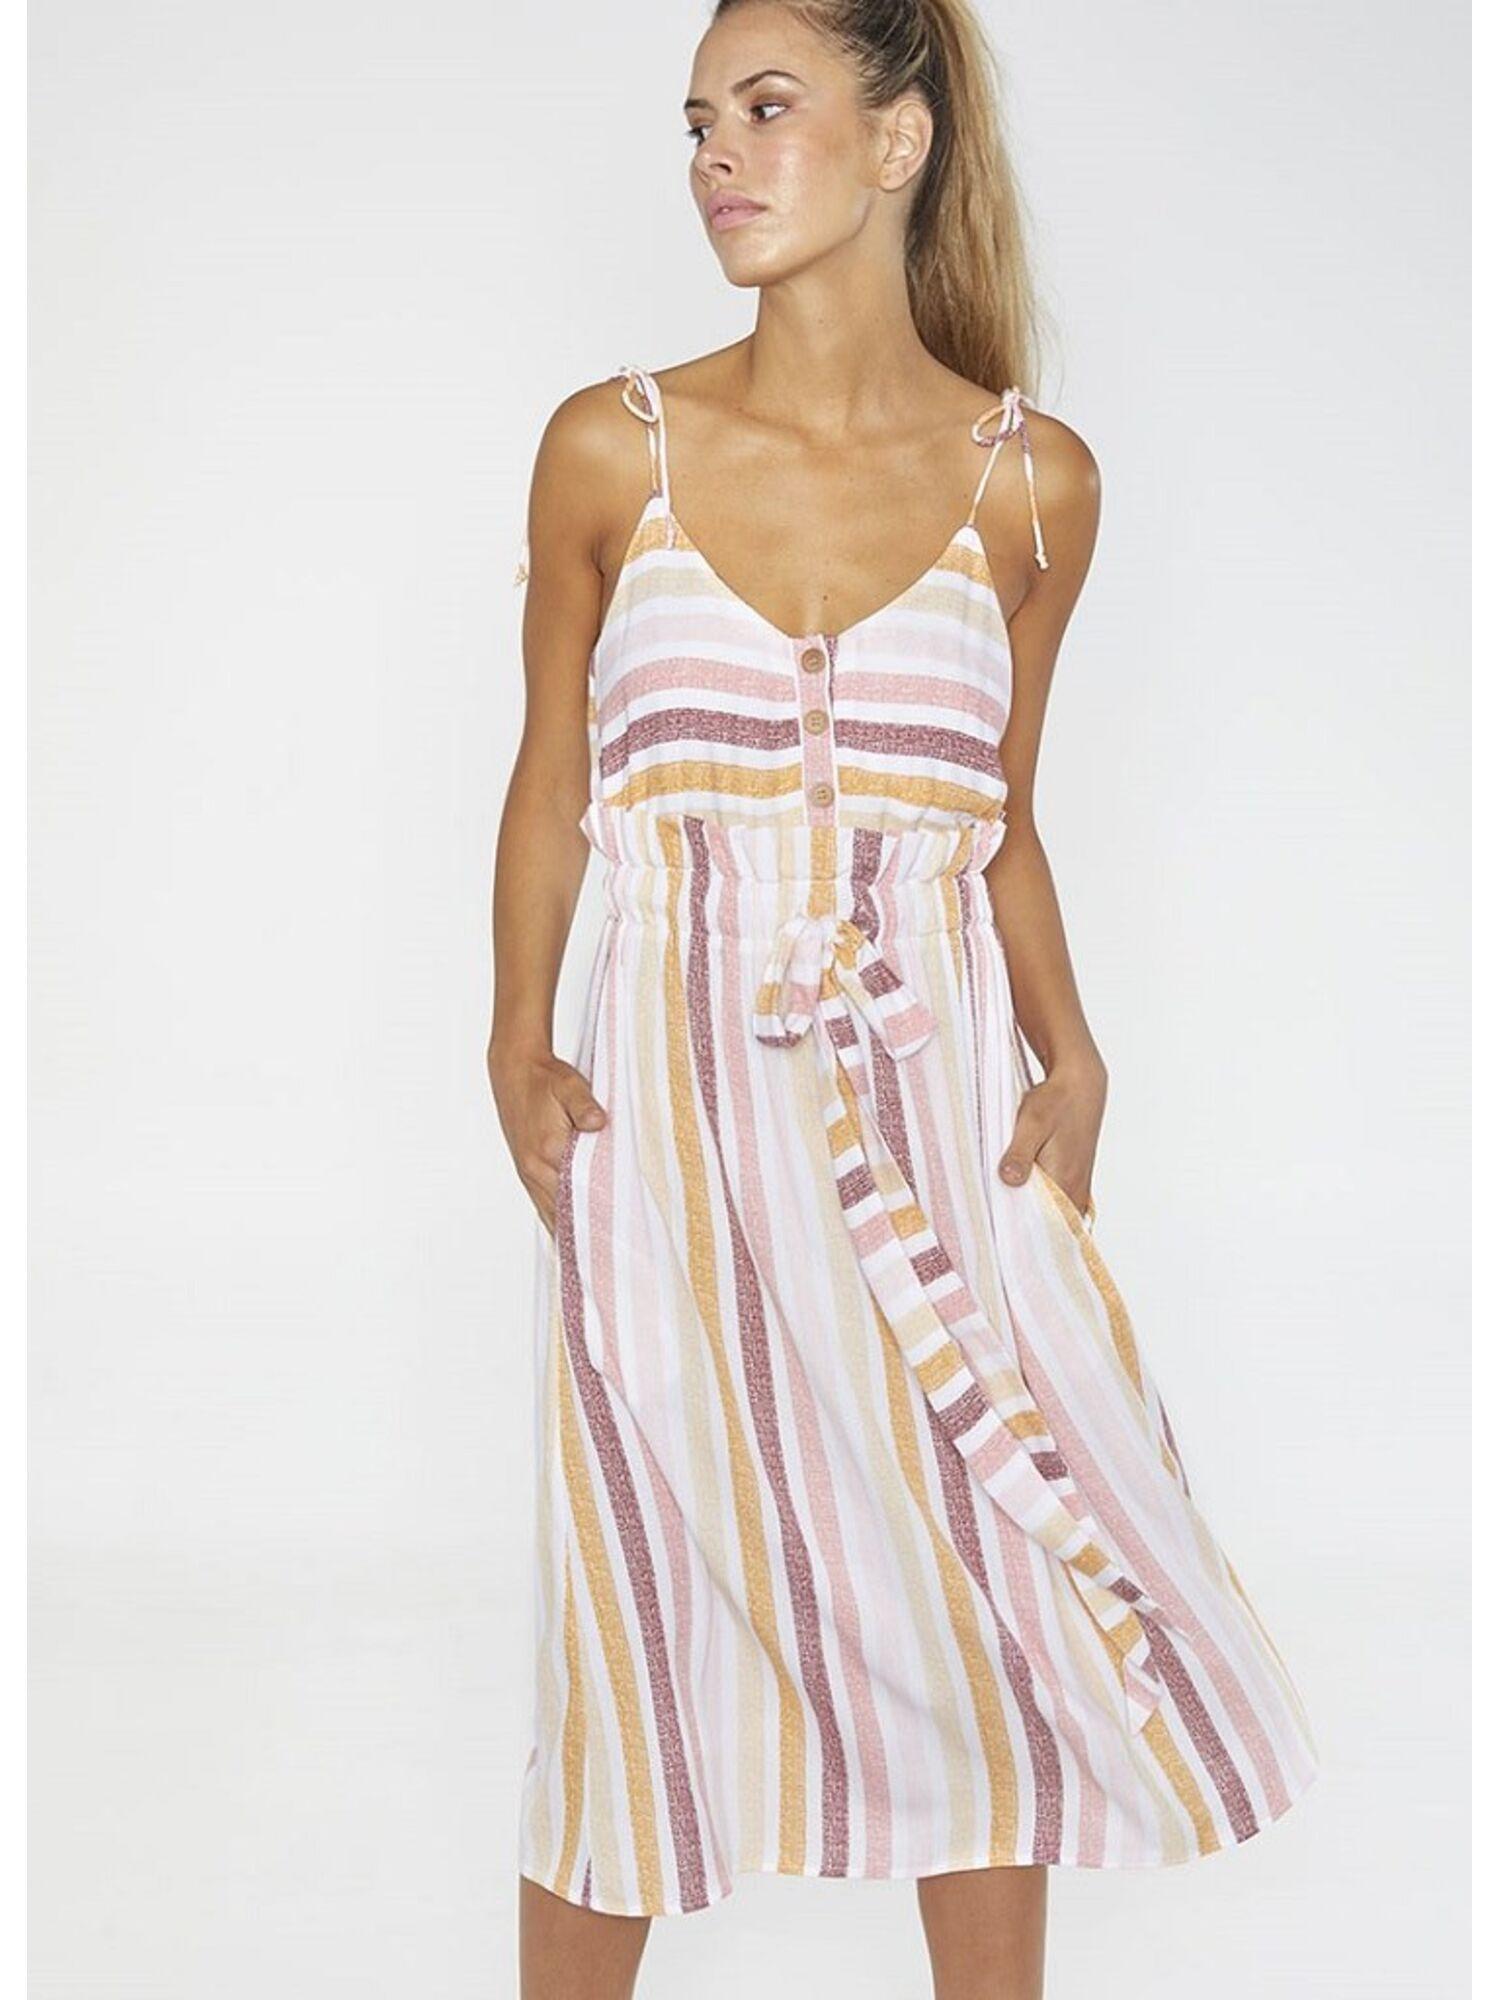 Женское платье пляжное из вискозы 85714 мульти, Ysabel Mora (Испания)